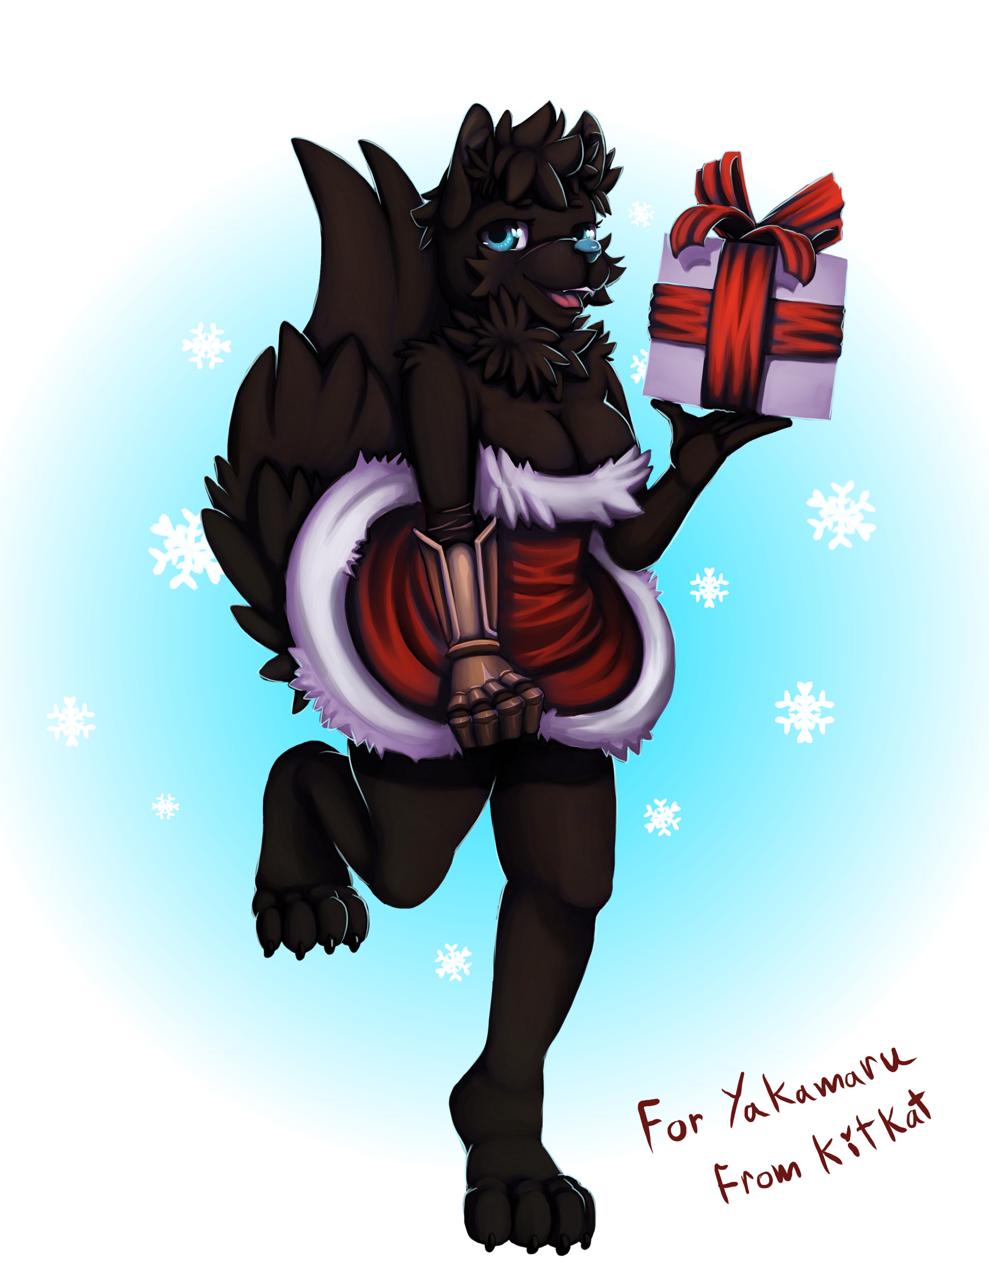 [Gift] Christmas Gift for Yakamaru